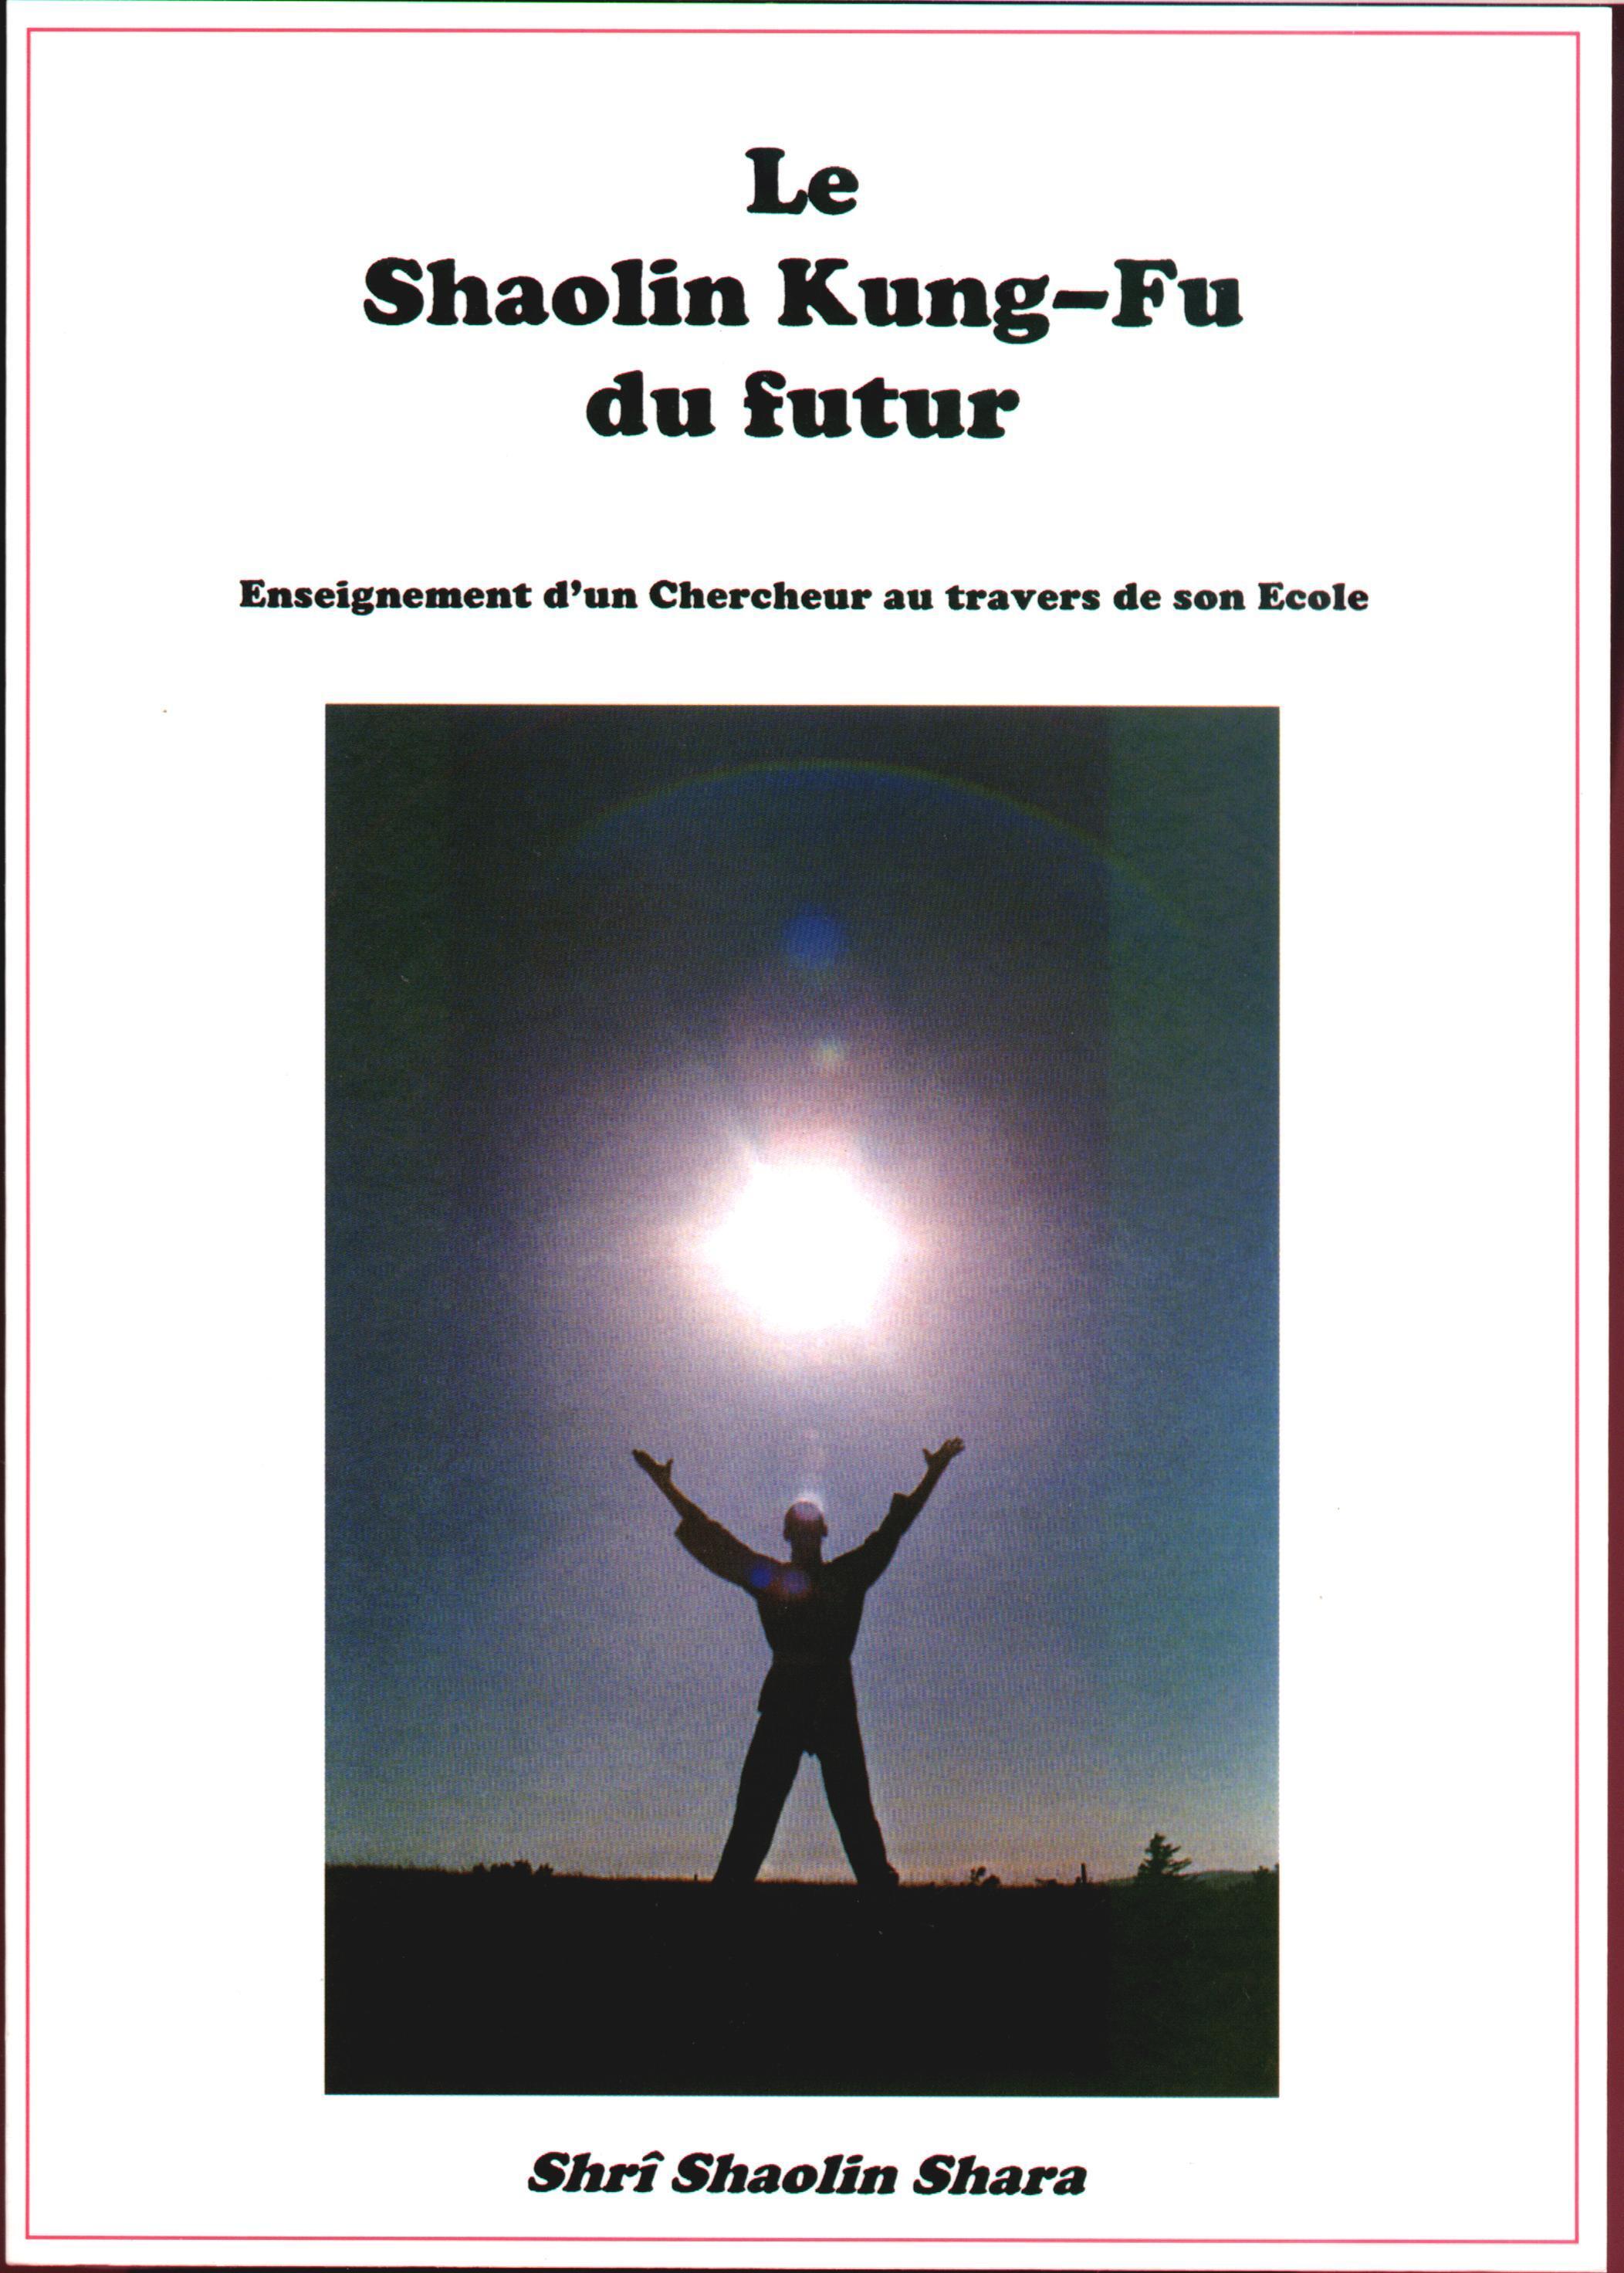 LE SHAOLIN KUNG-FU DU FUTUR : ENSEIGNEMENT D'UN CHERCHEUR AU TRAVERS DE SON ECOLE